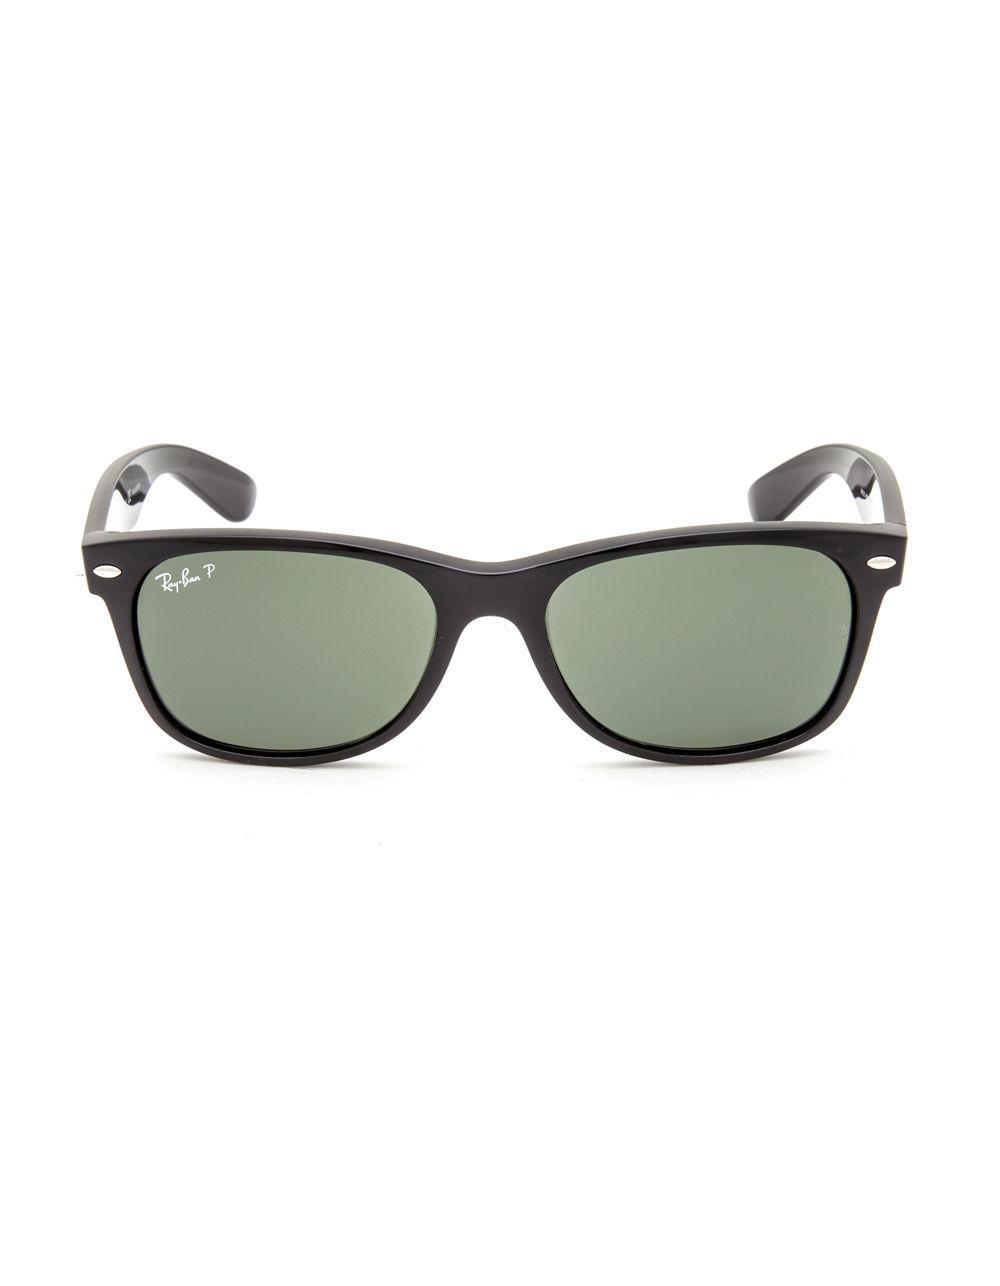 cbd27689d9 Lyst - Ray-Ban New Wayfarer Polarized Sunglasses in Black for Men